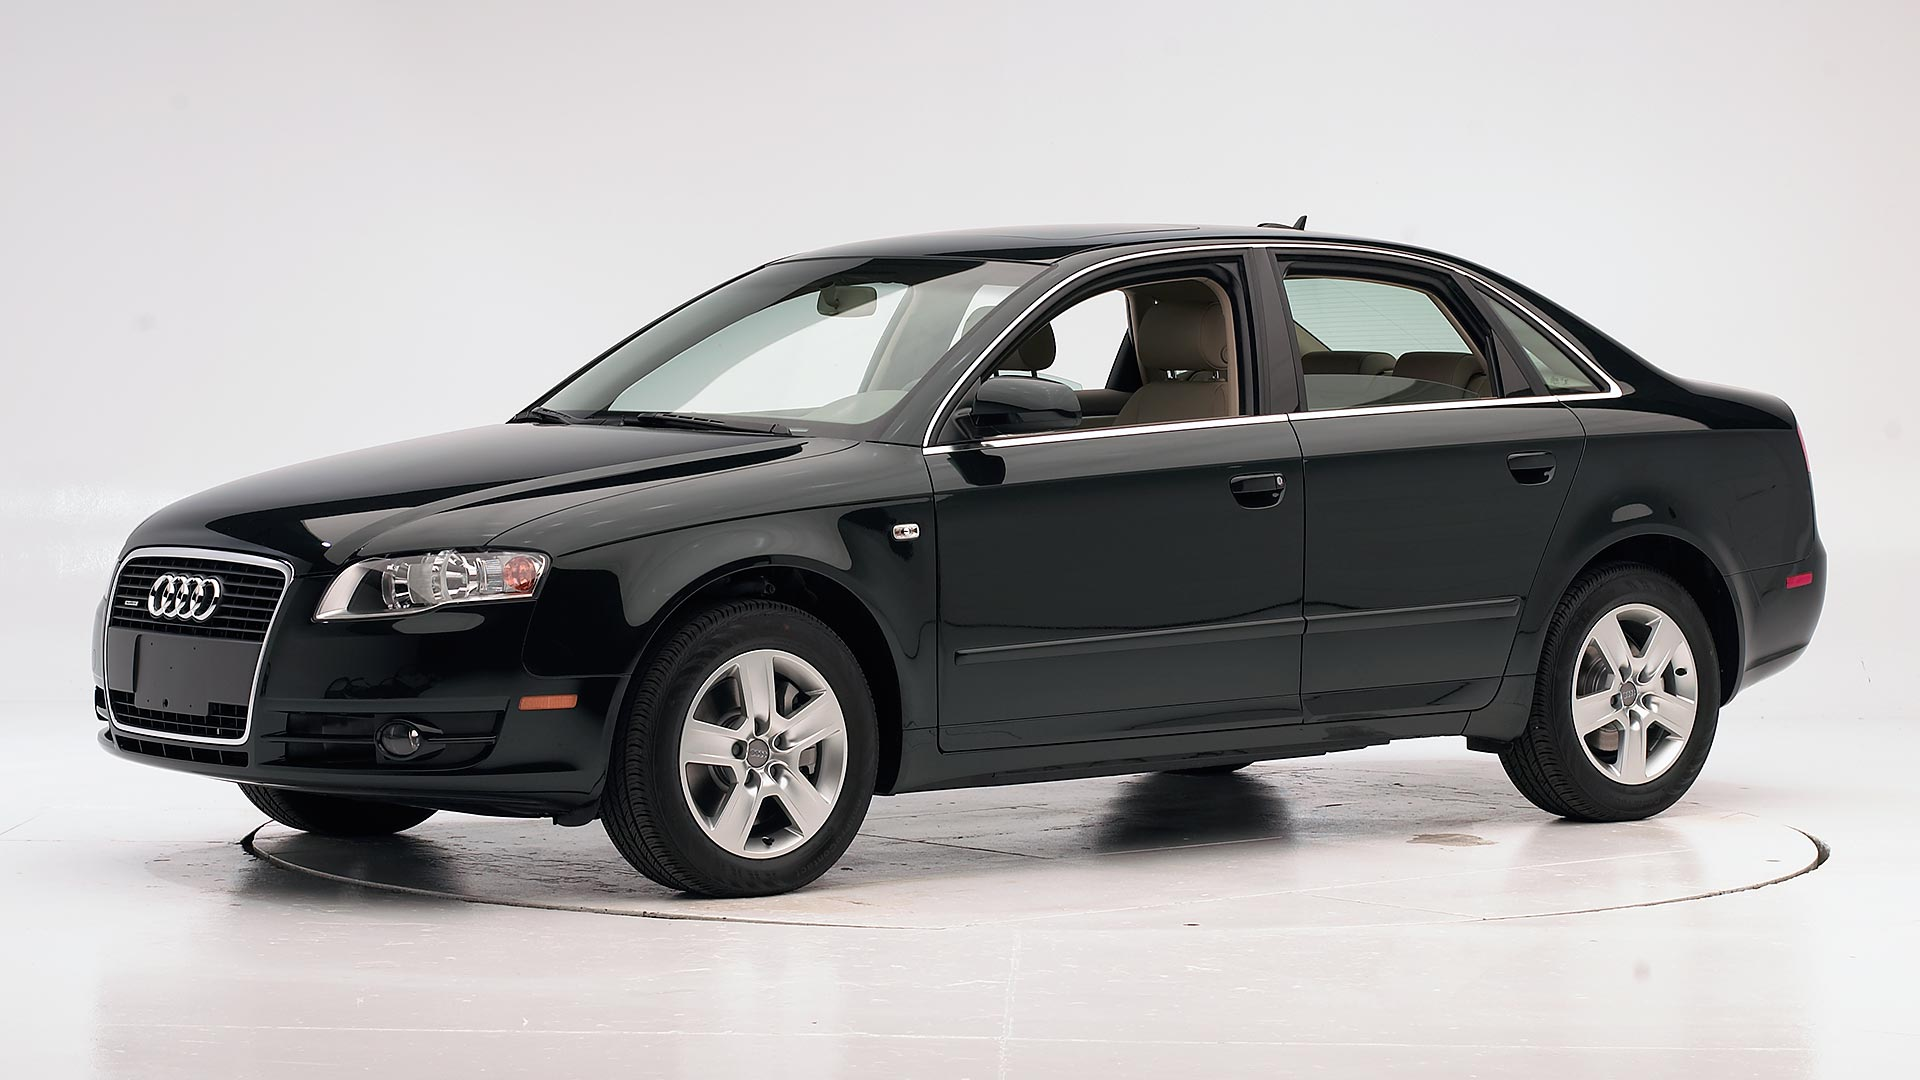 Kelebihan Kekurangan Audi 2005 Perbandingan Harga